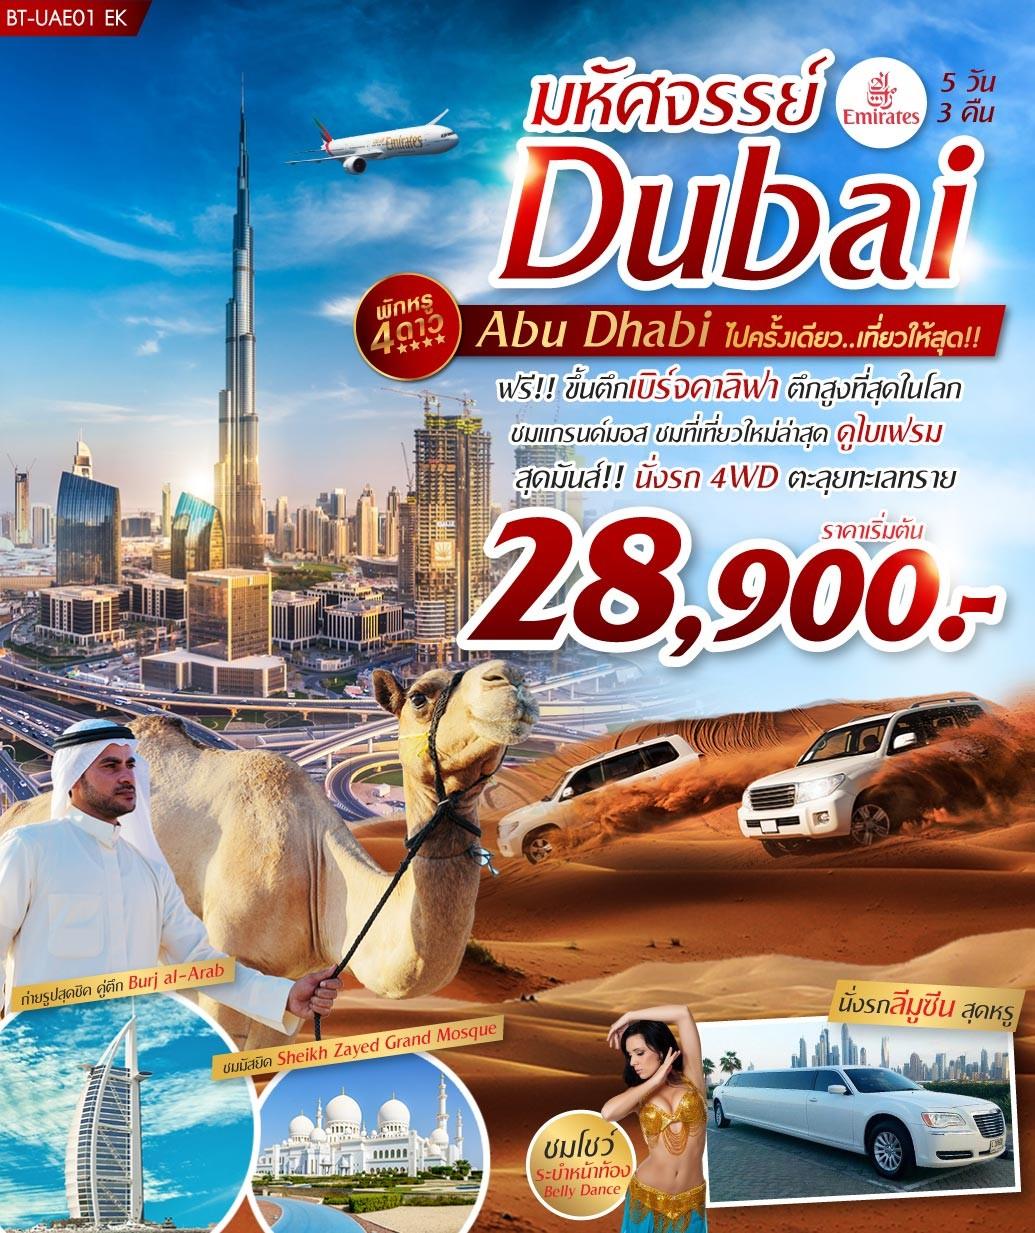 ทัวร์ดูไบ-มหัศจรรย์-DUBAI-ABUDHABI-5วัน3คืน-(JUN-SEP19)(EK)(BT-UAE01-EK)